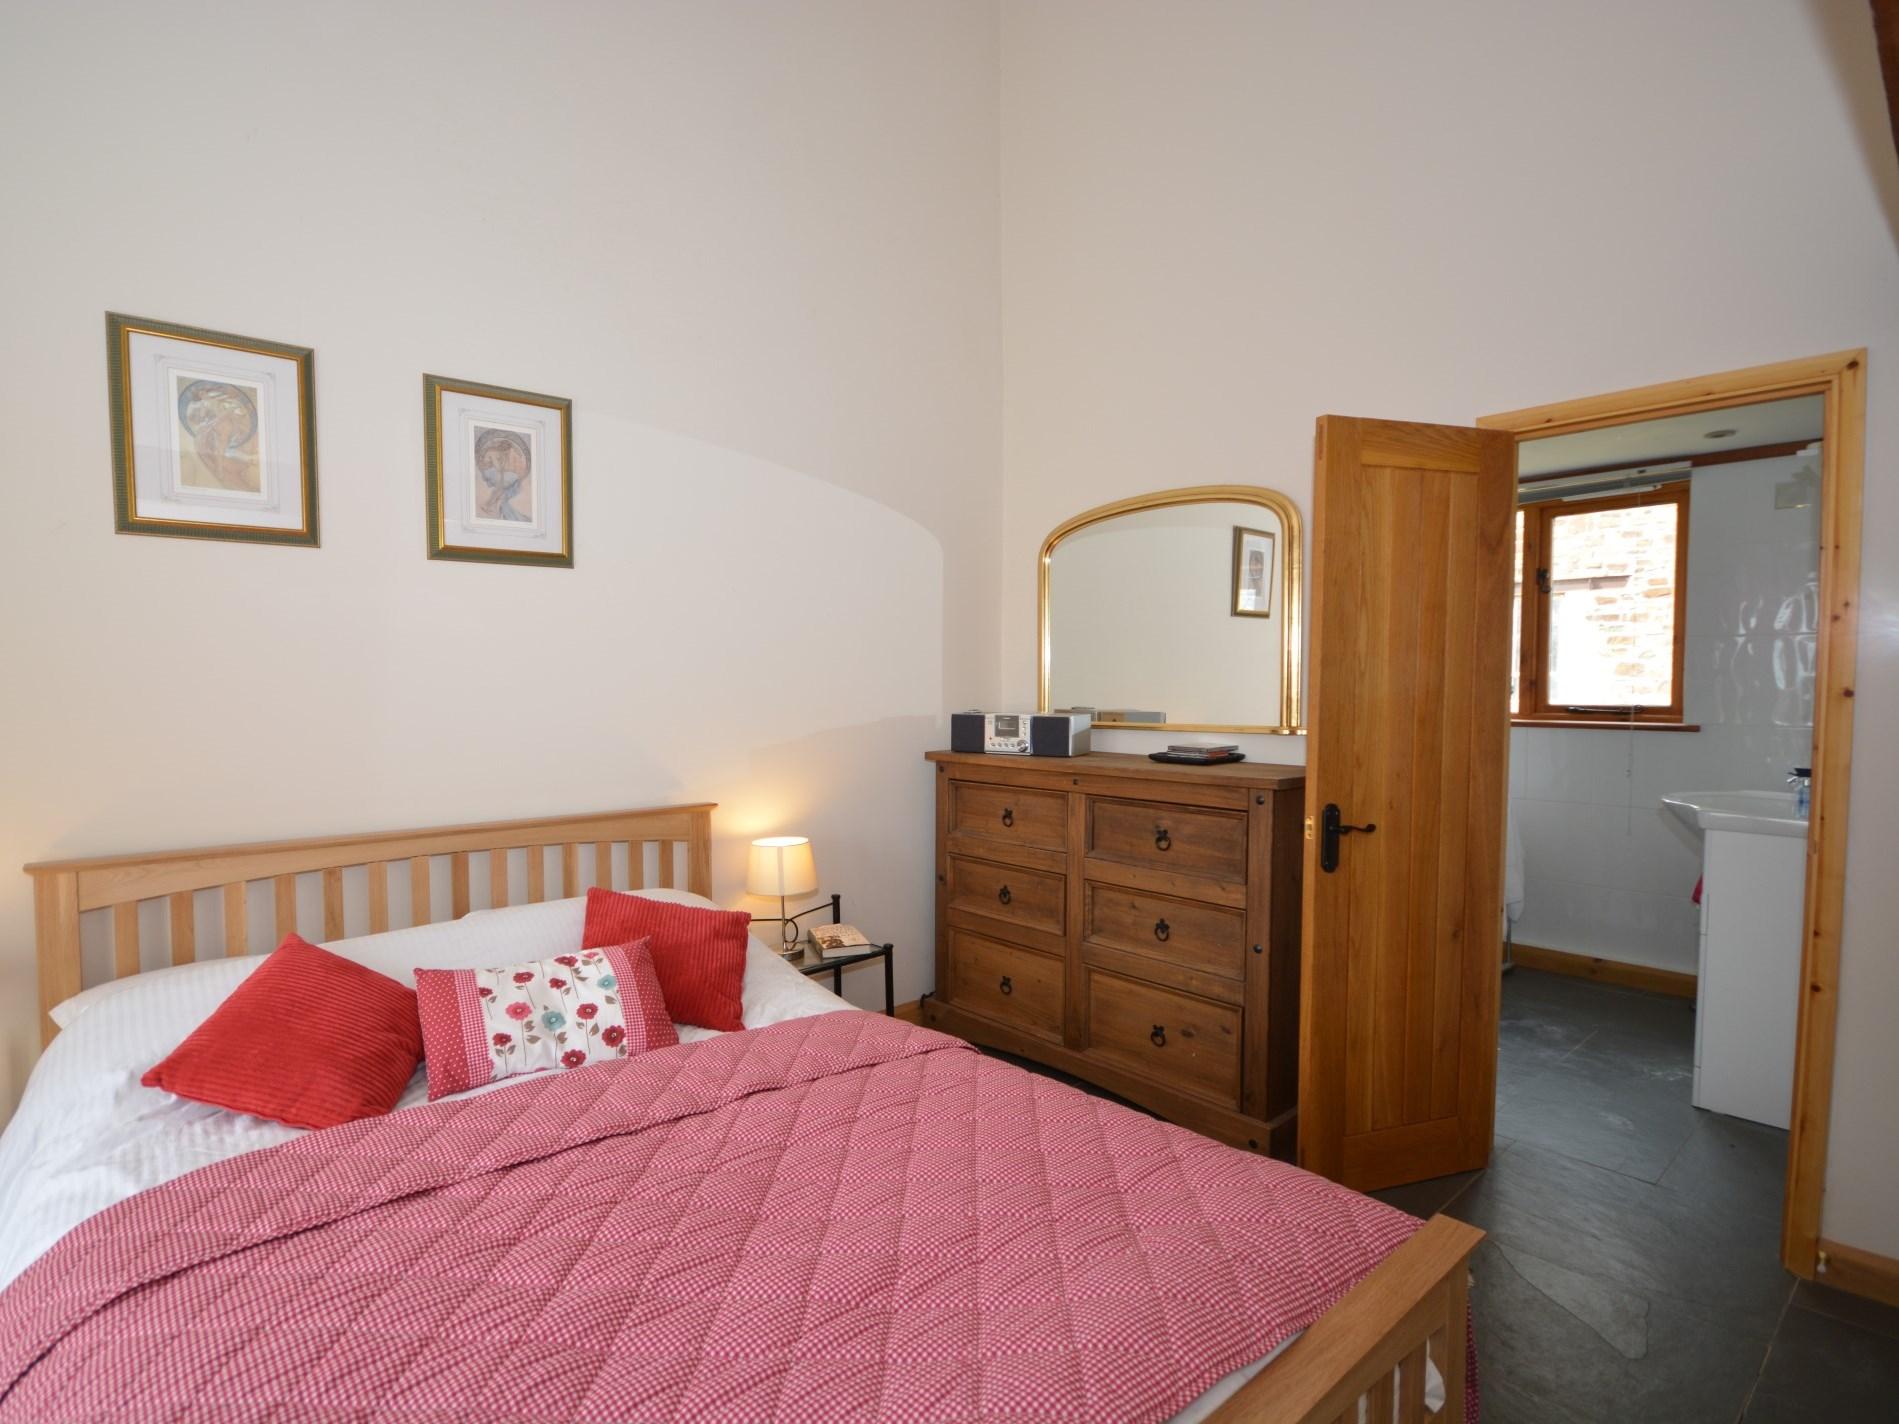 King-size bedroom leading to en-suite shower room